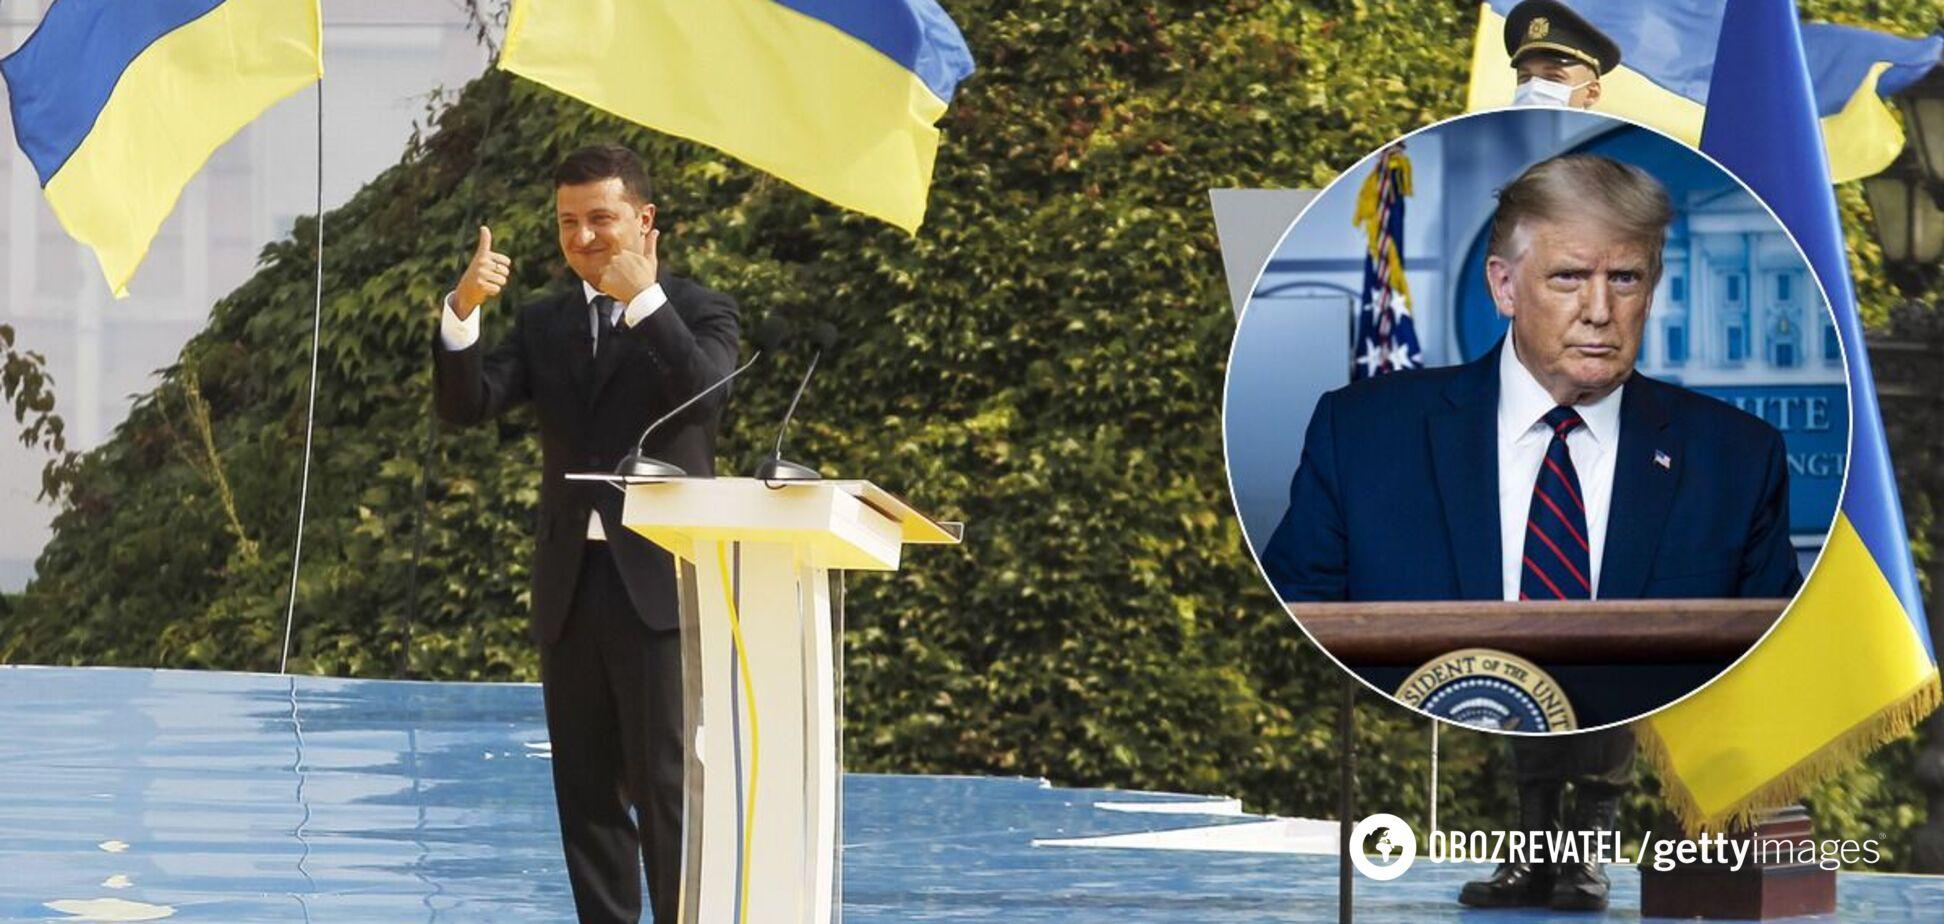 Зокрема, США закликали Росію повернути Україні захоплені території